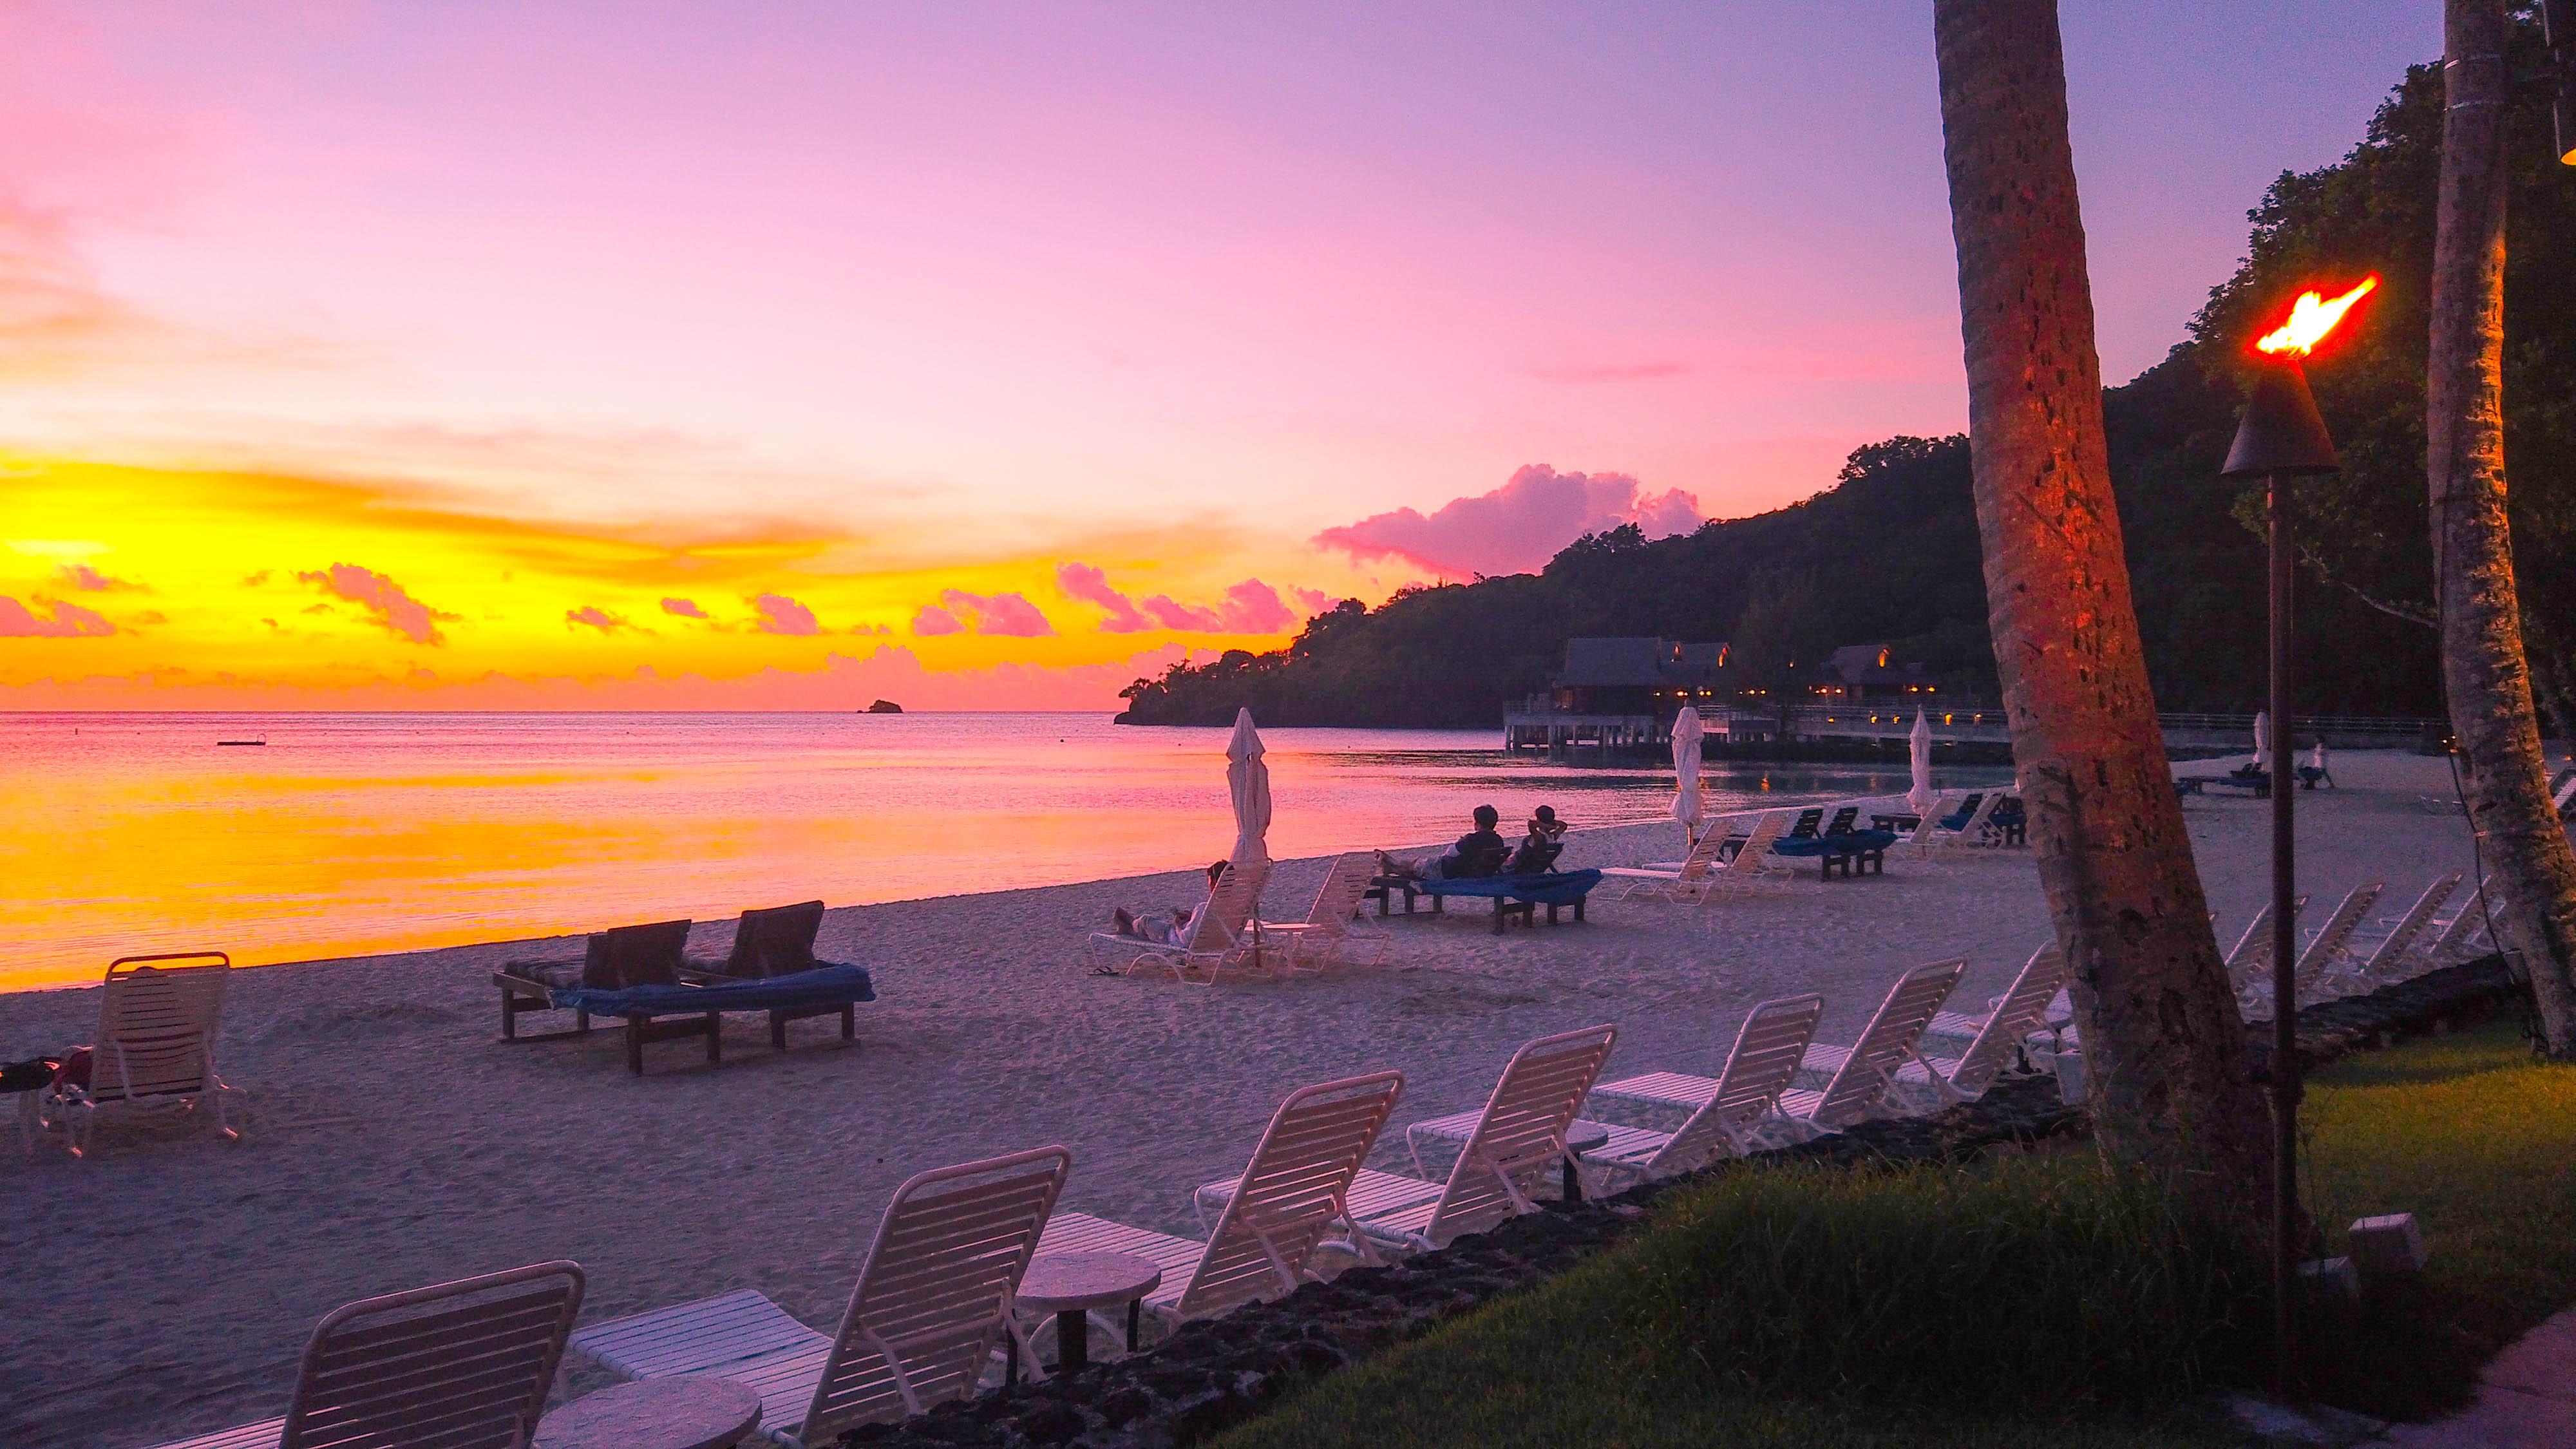 成为旅游目的地,度假酒店未来的趋势所在!